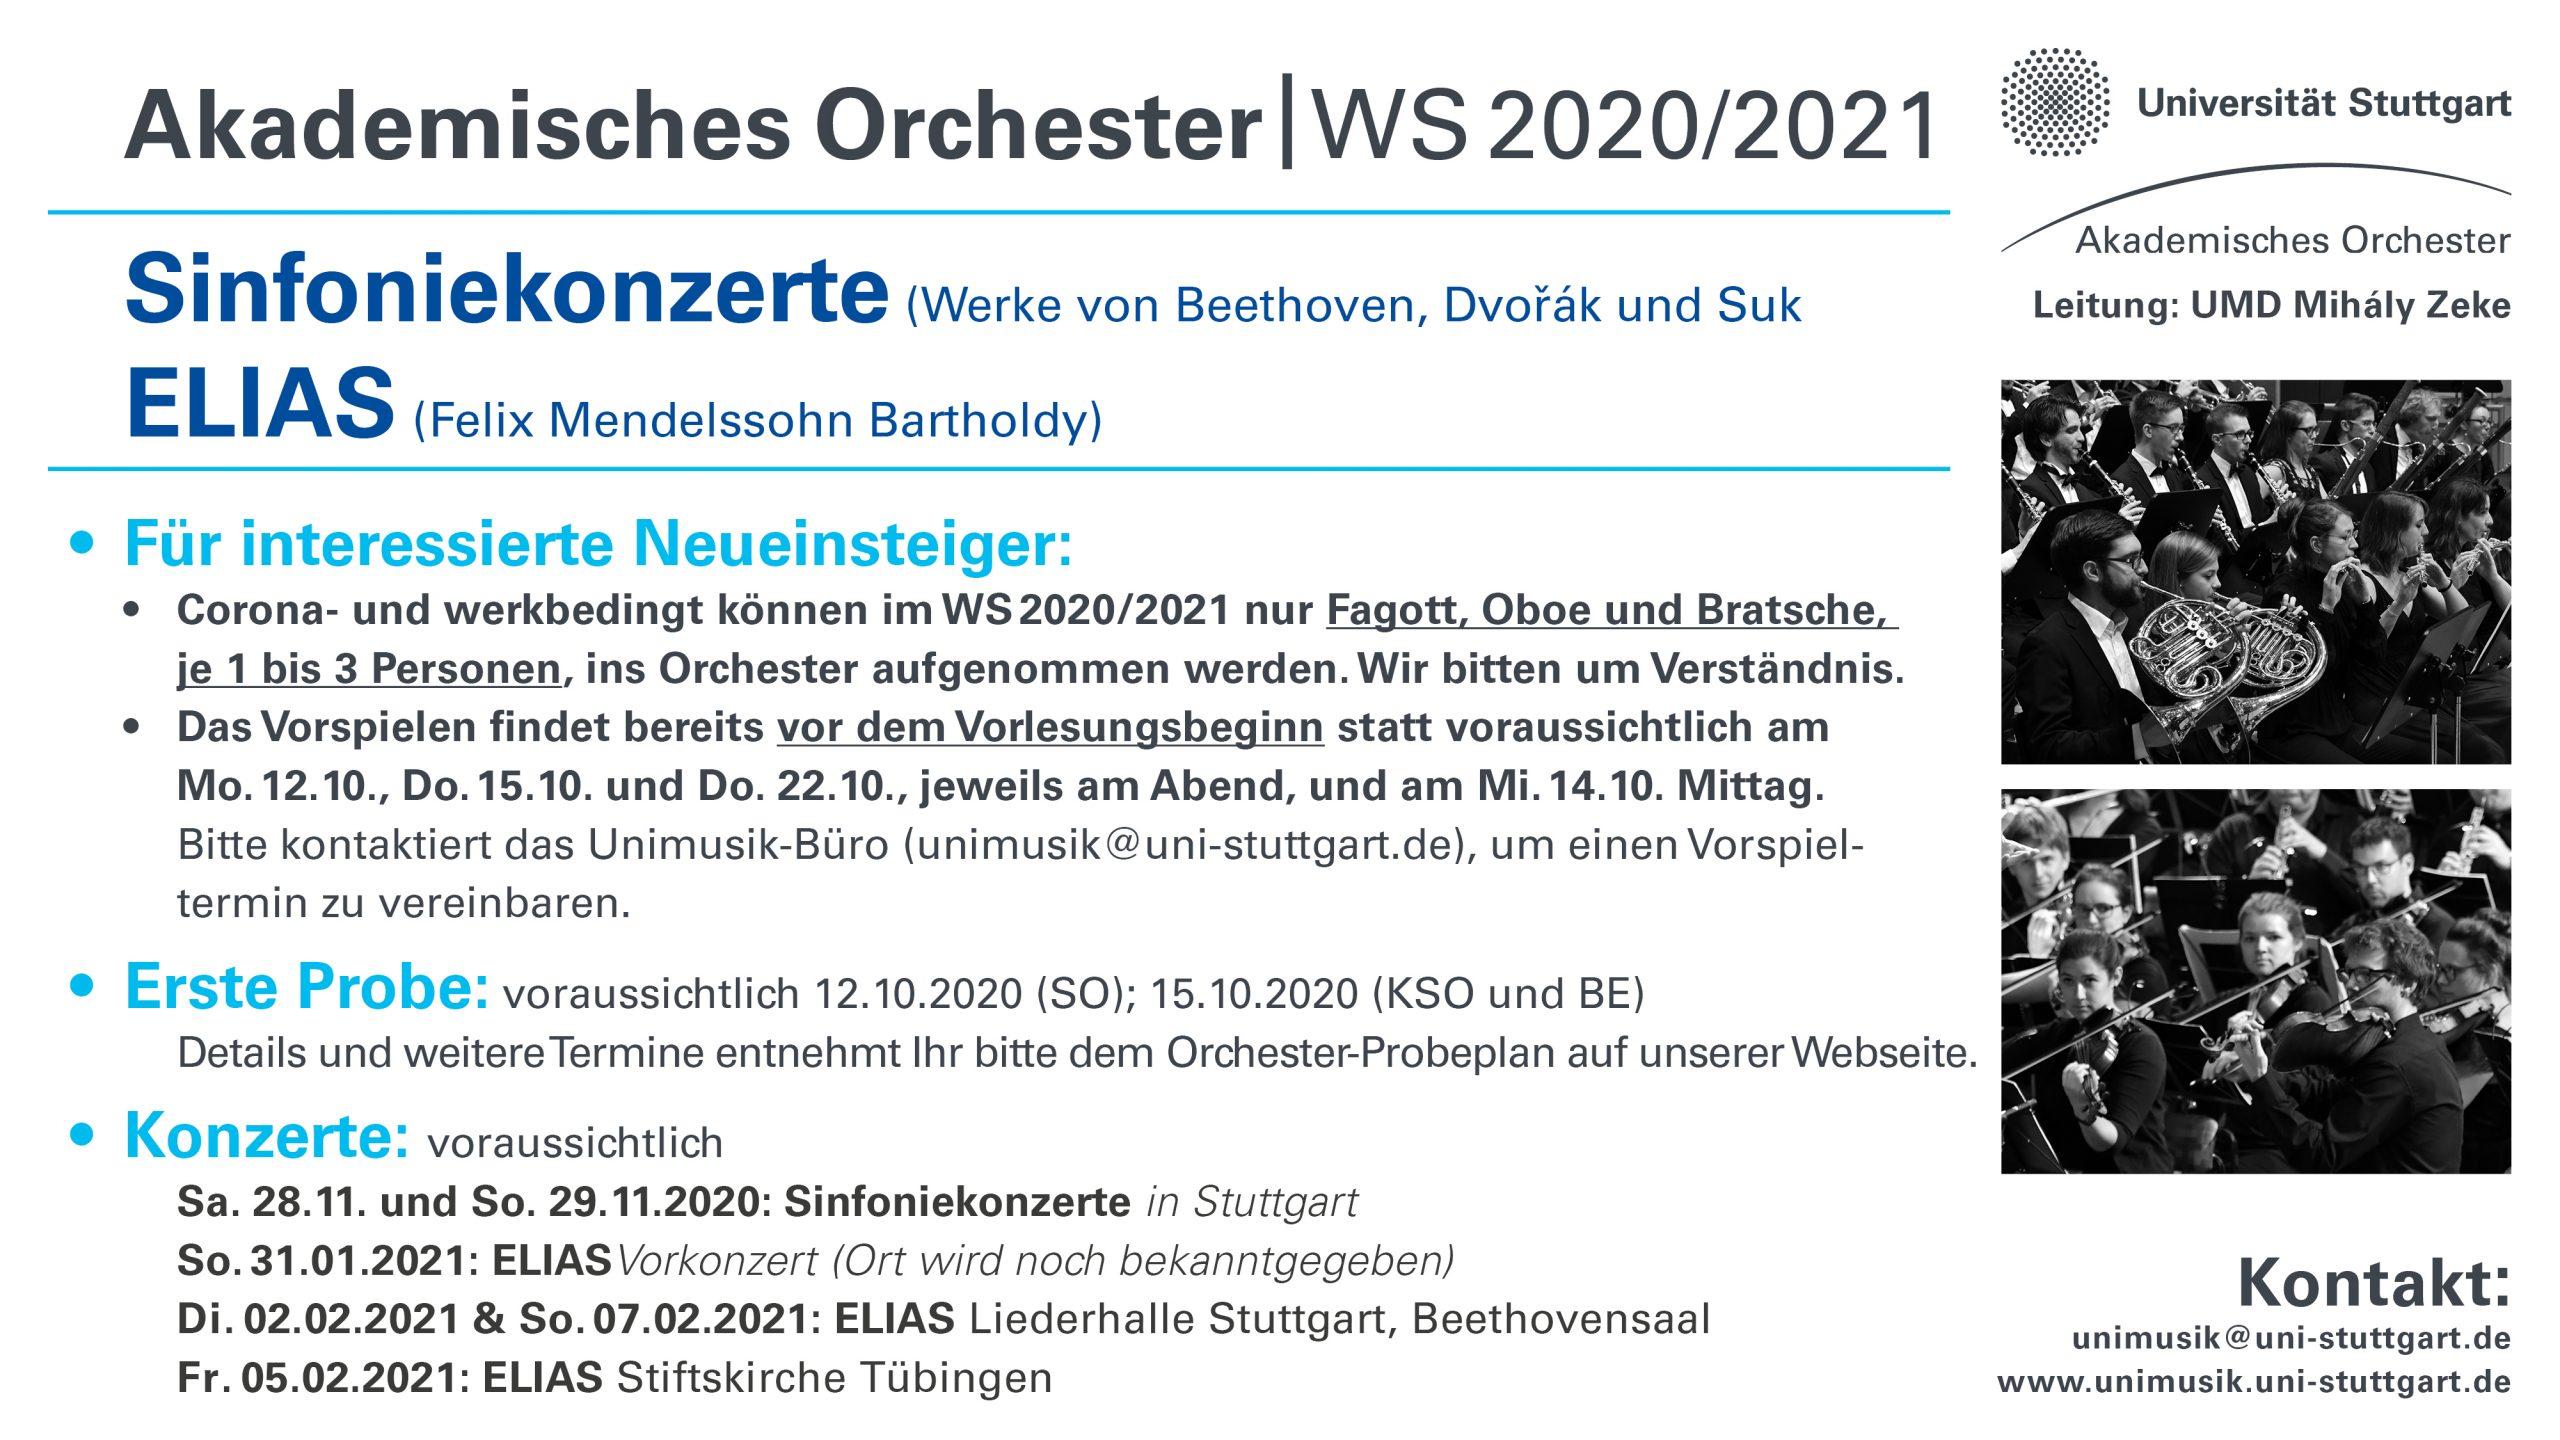 Vorläufiger Programm des Akad. Orchesters WS2020/2021